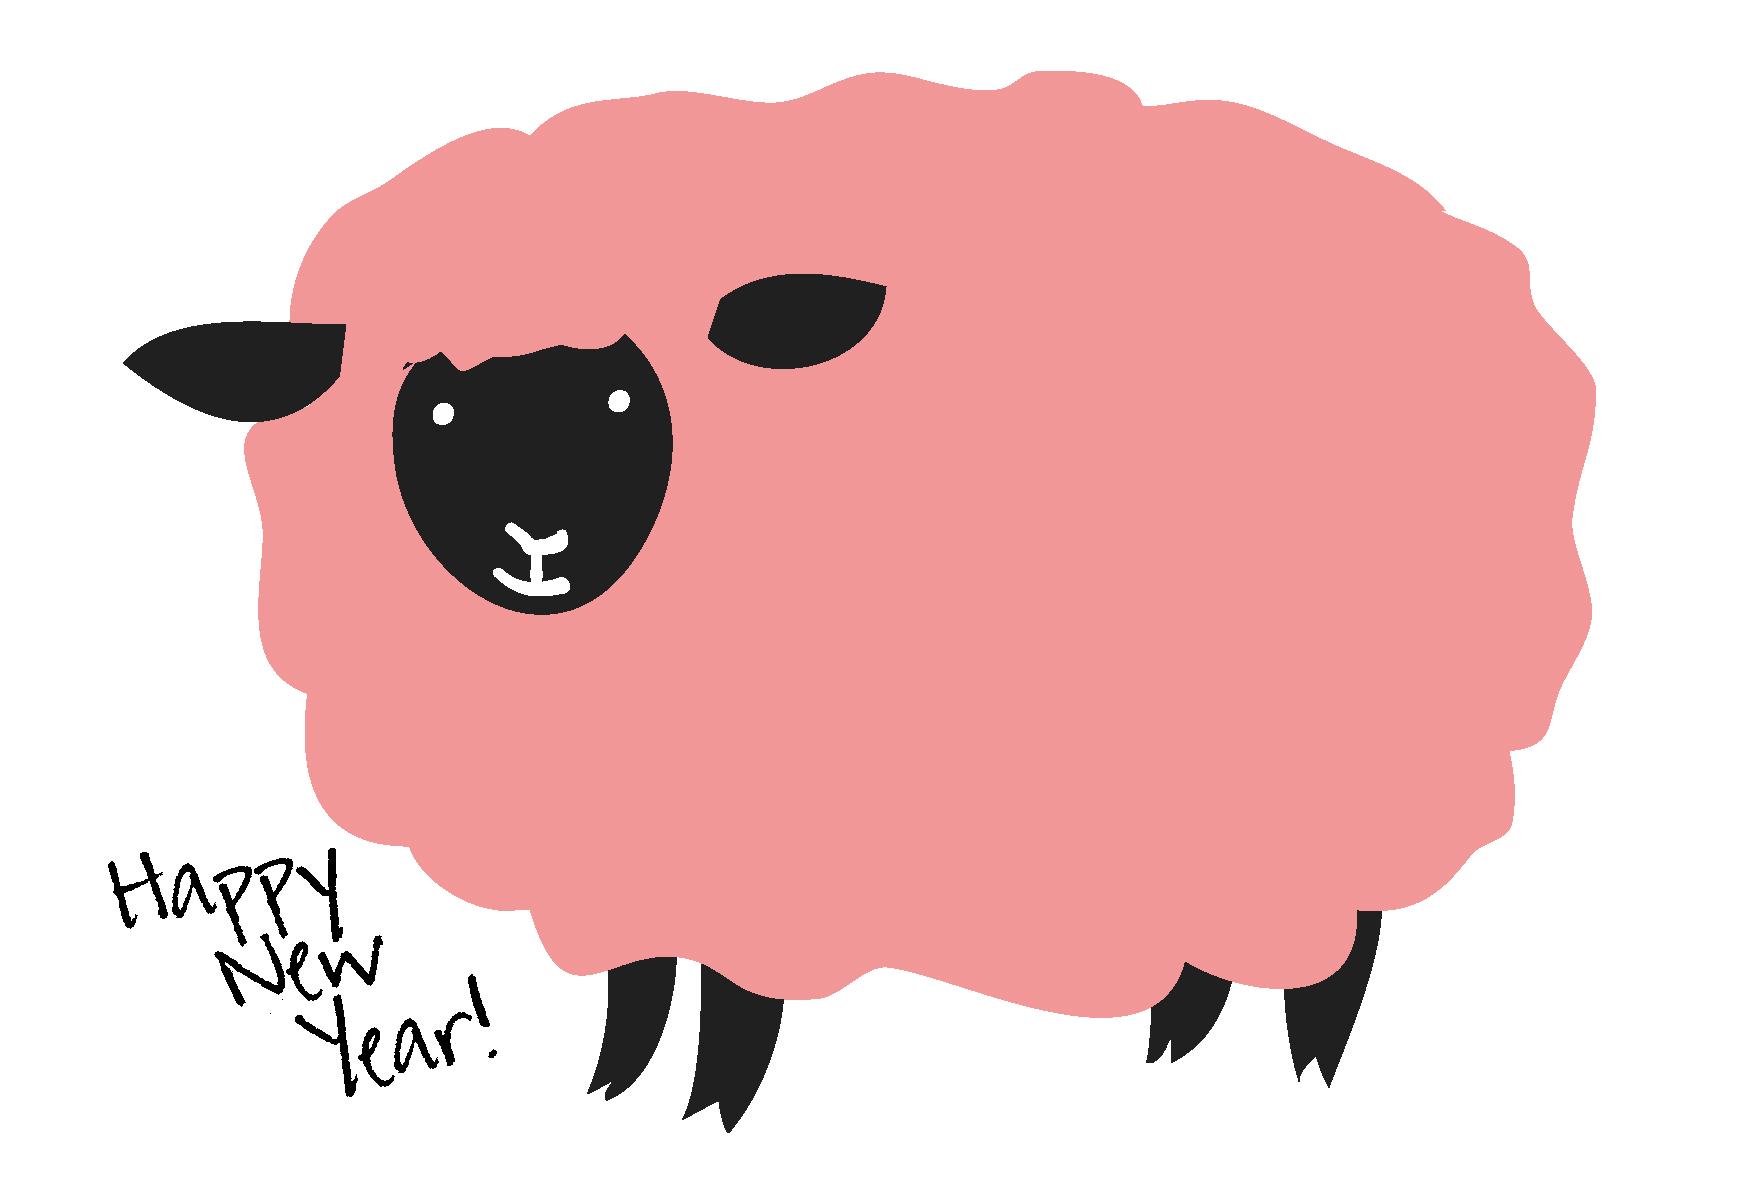 年賀状テンプレート 未 ひつじ 素朴な羊3ダウンロード